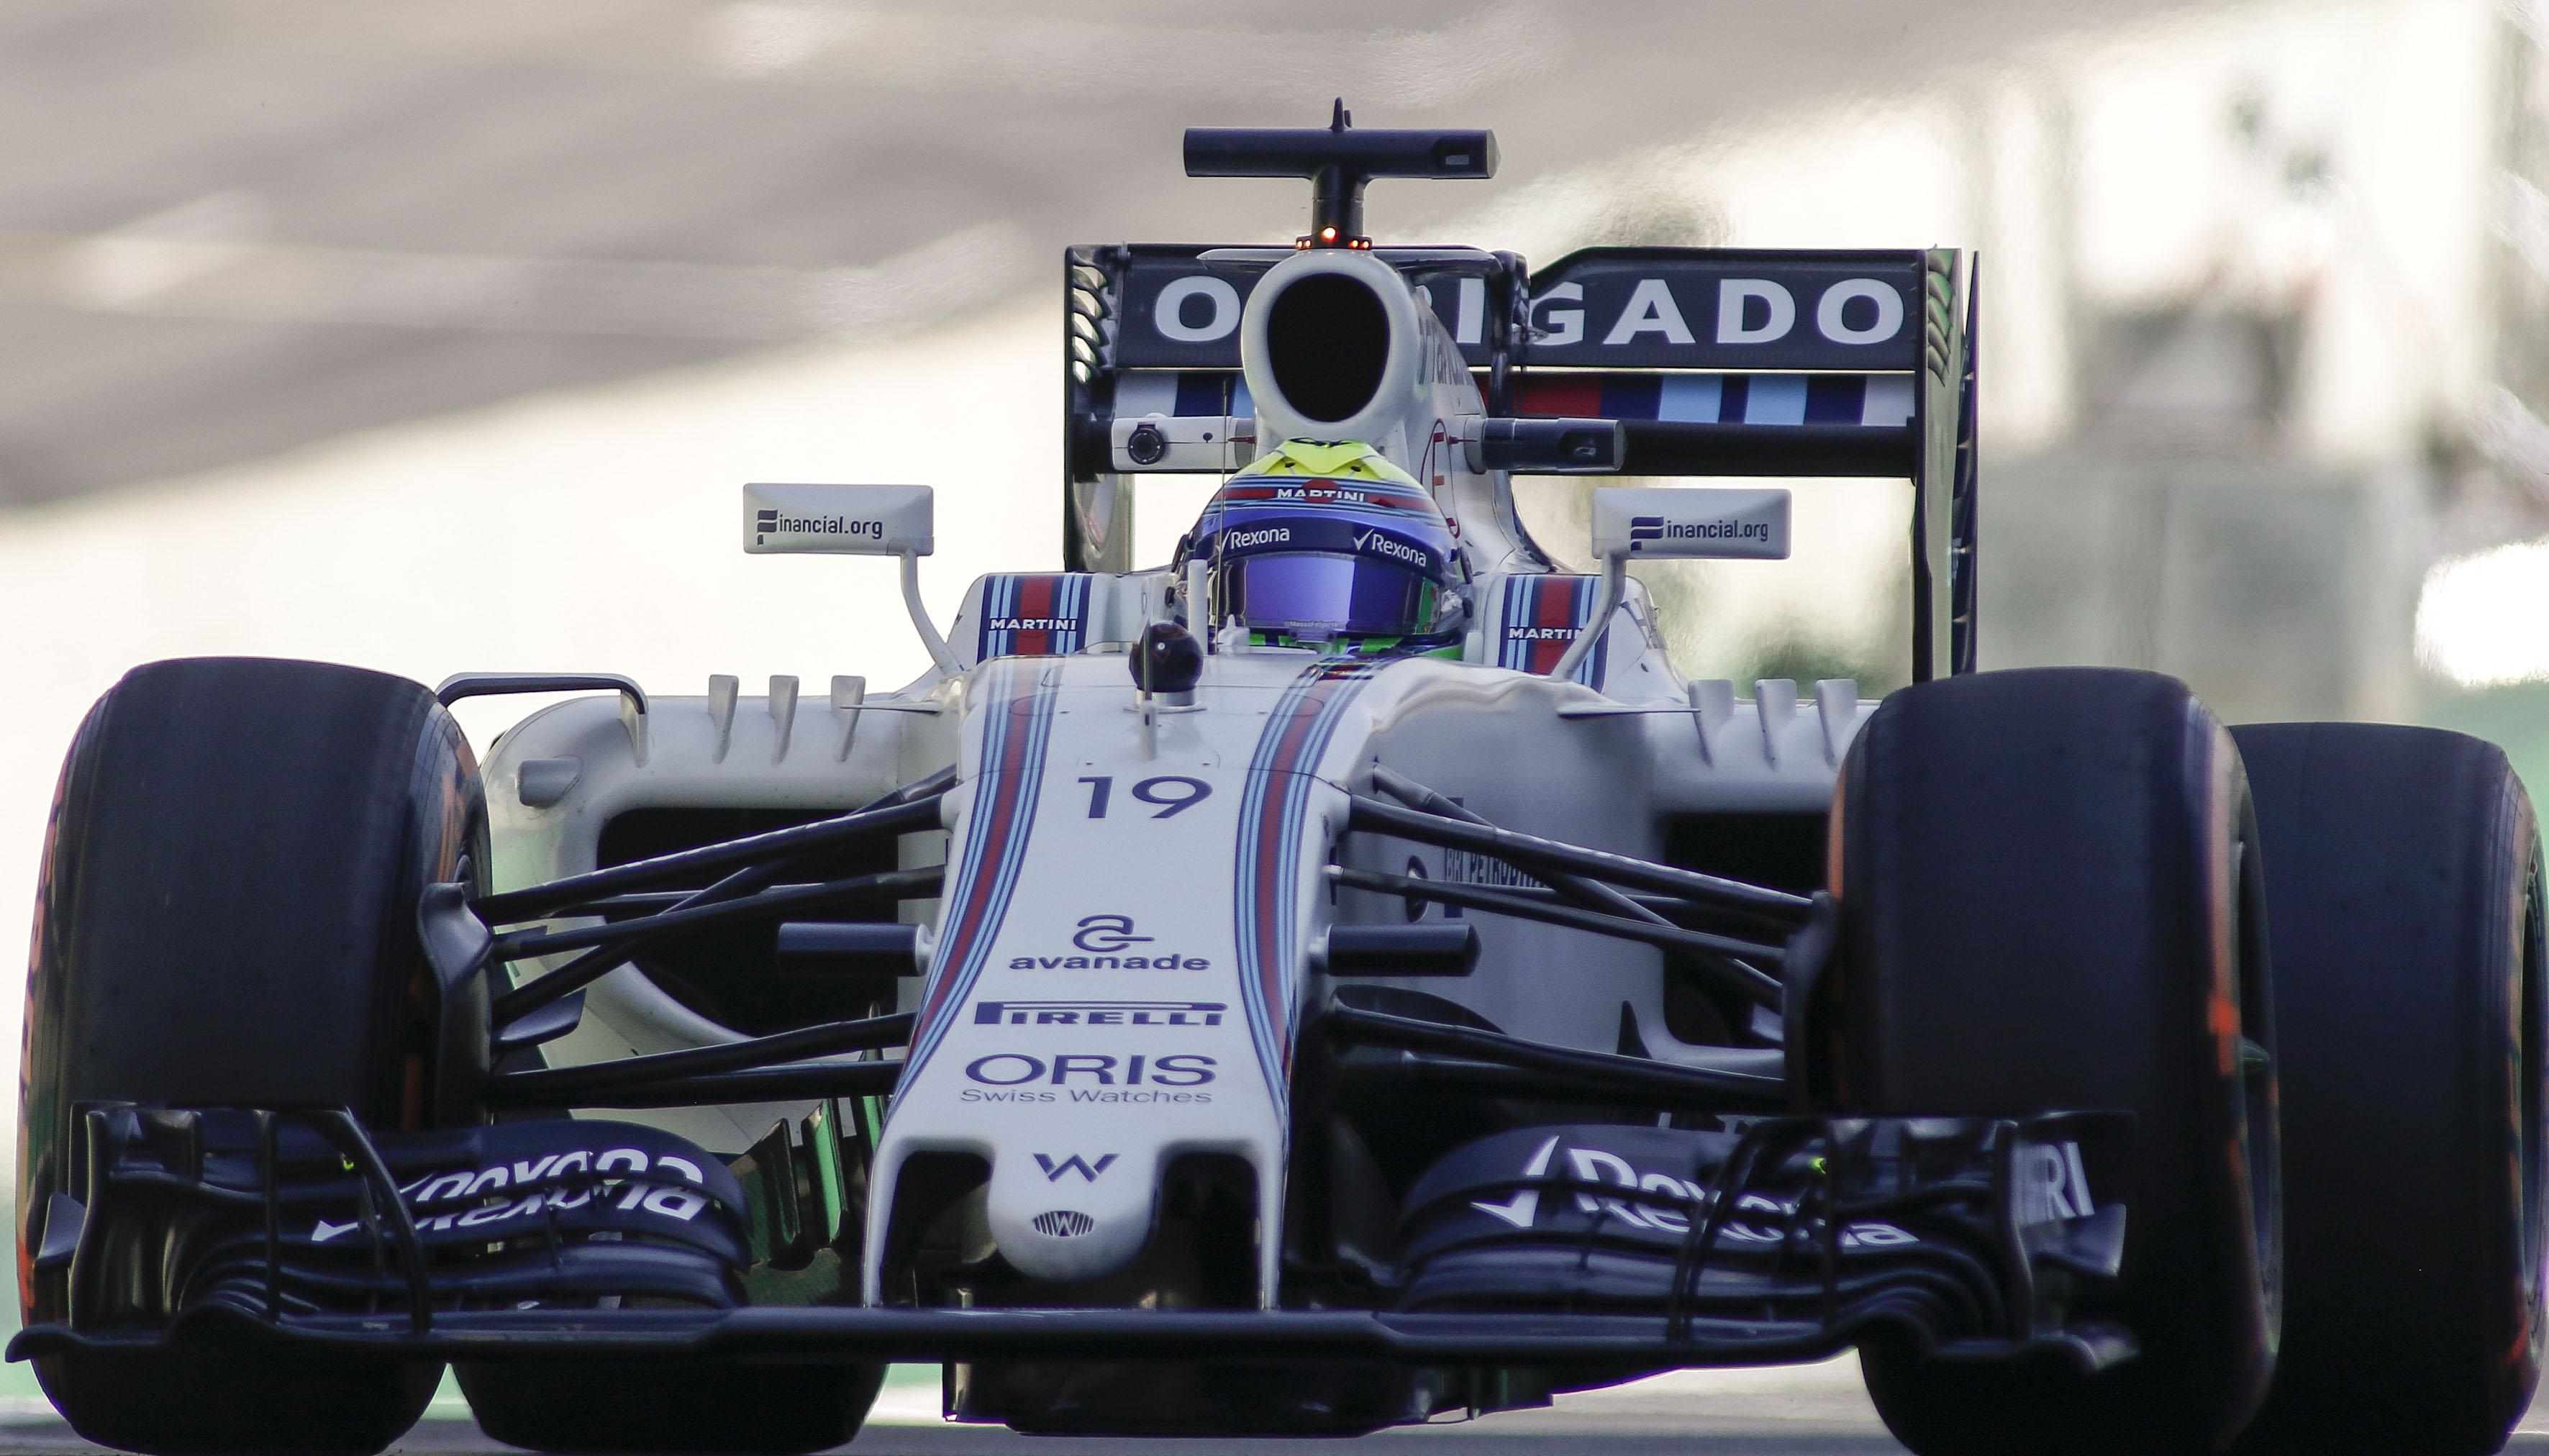 Il GP 2016 di Interlagos sarà l'ultimo per il padrone di casa Felipe Massa che si ritirerà a fine stagione. Due vittorie sul circuito brasiliano, ma anche un Mondiale perso nel 2008.